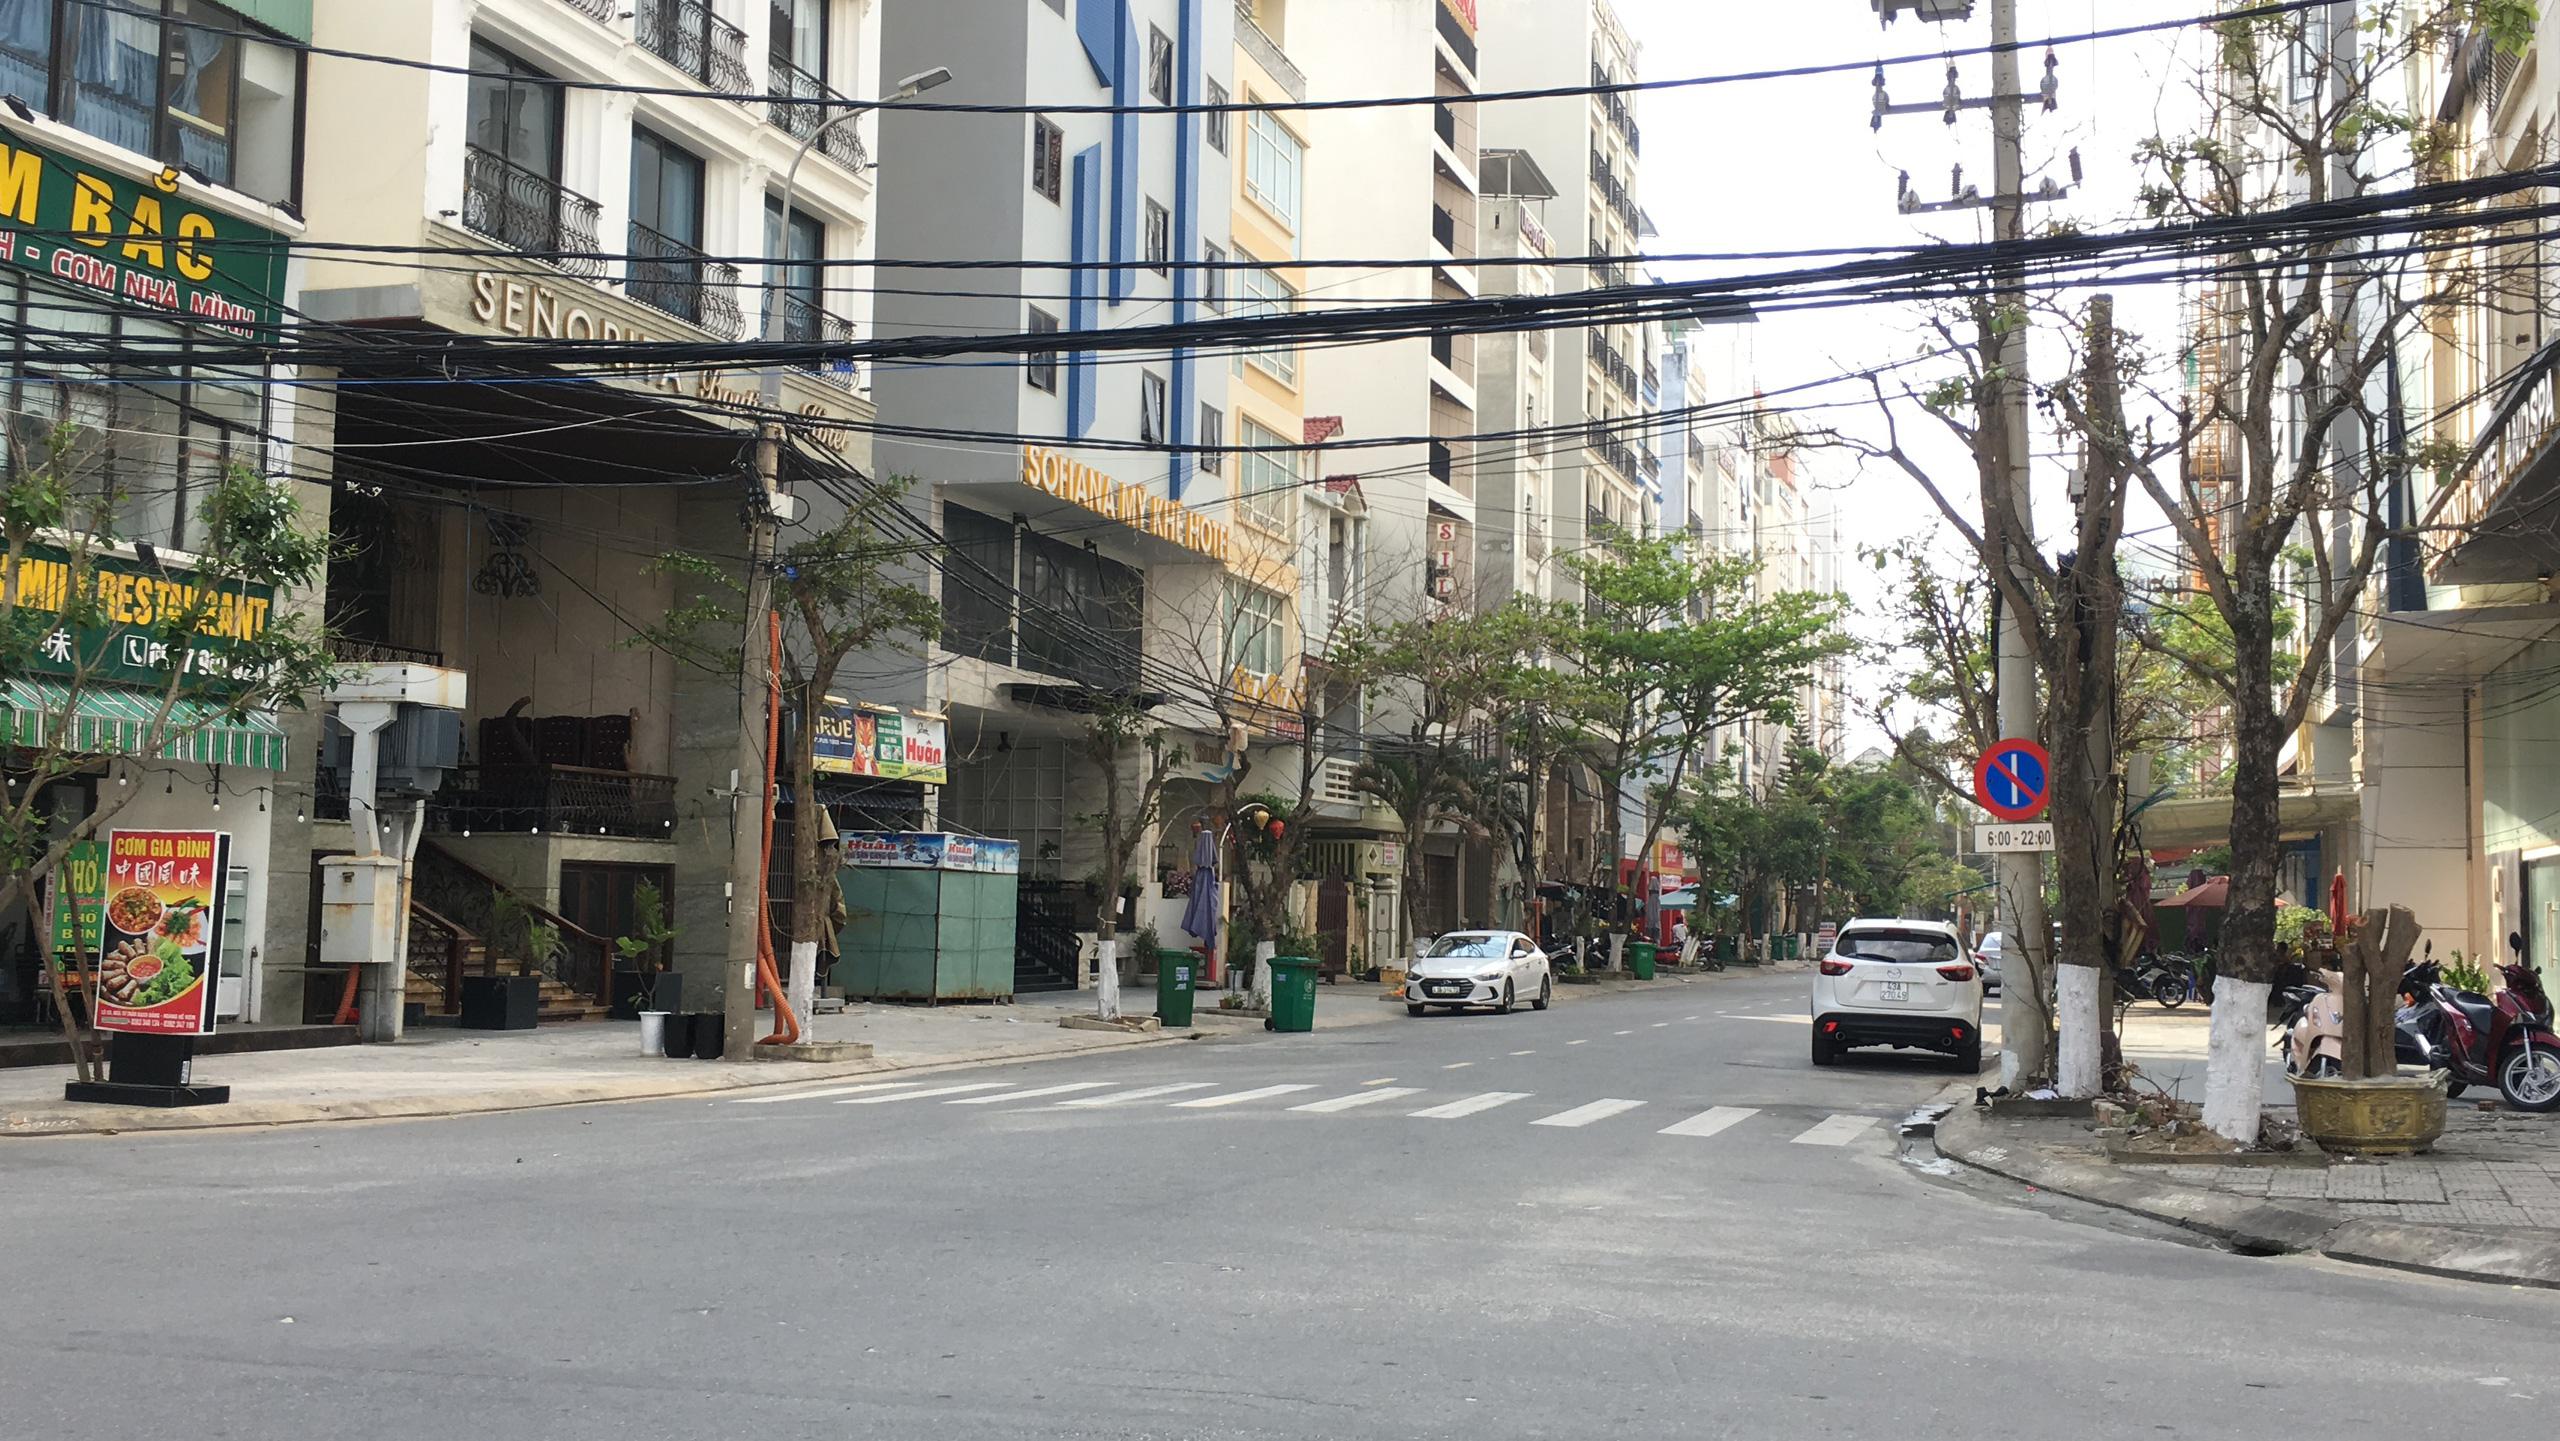 Rao bán nhà ồ ạt ở phố Tây Đà Nẵng, thấp nhất 110 triệu/m2 - Ảnh 4.